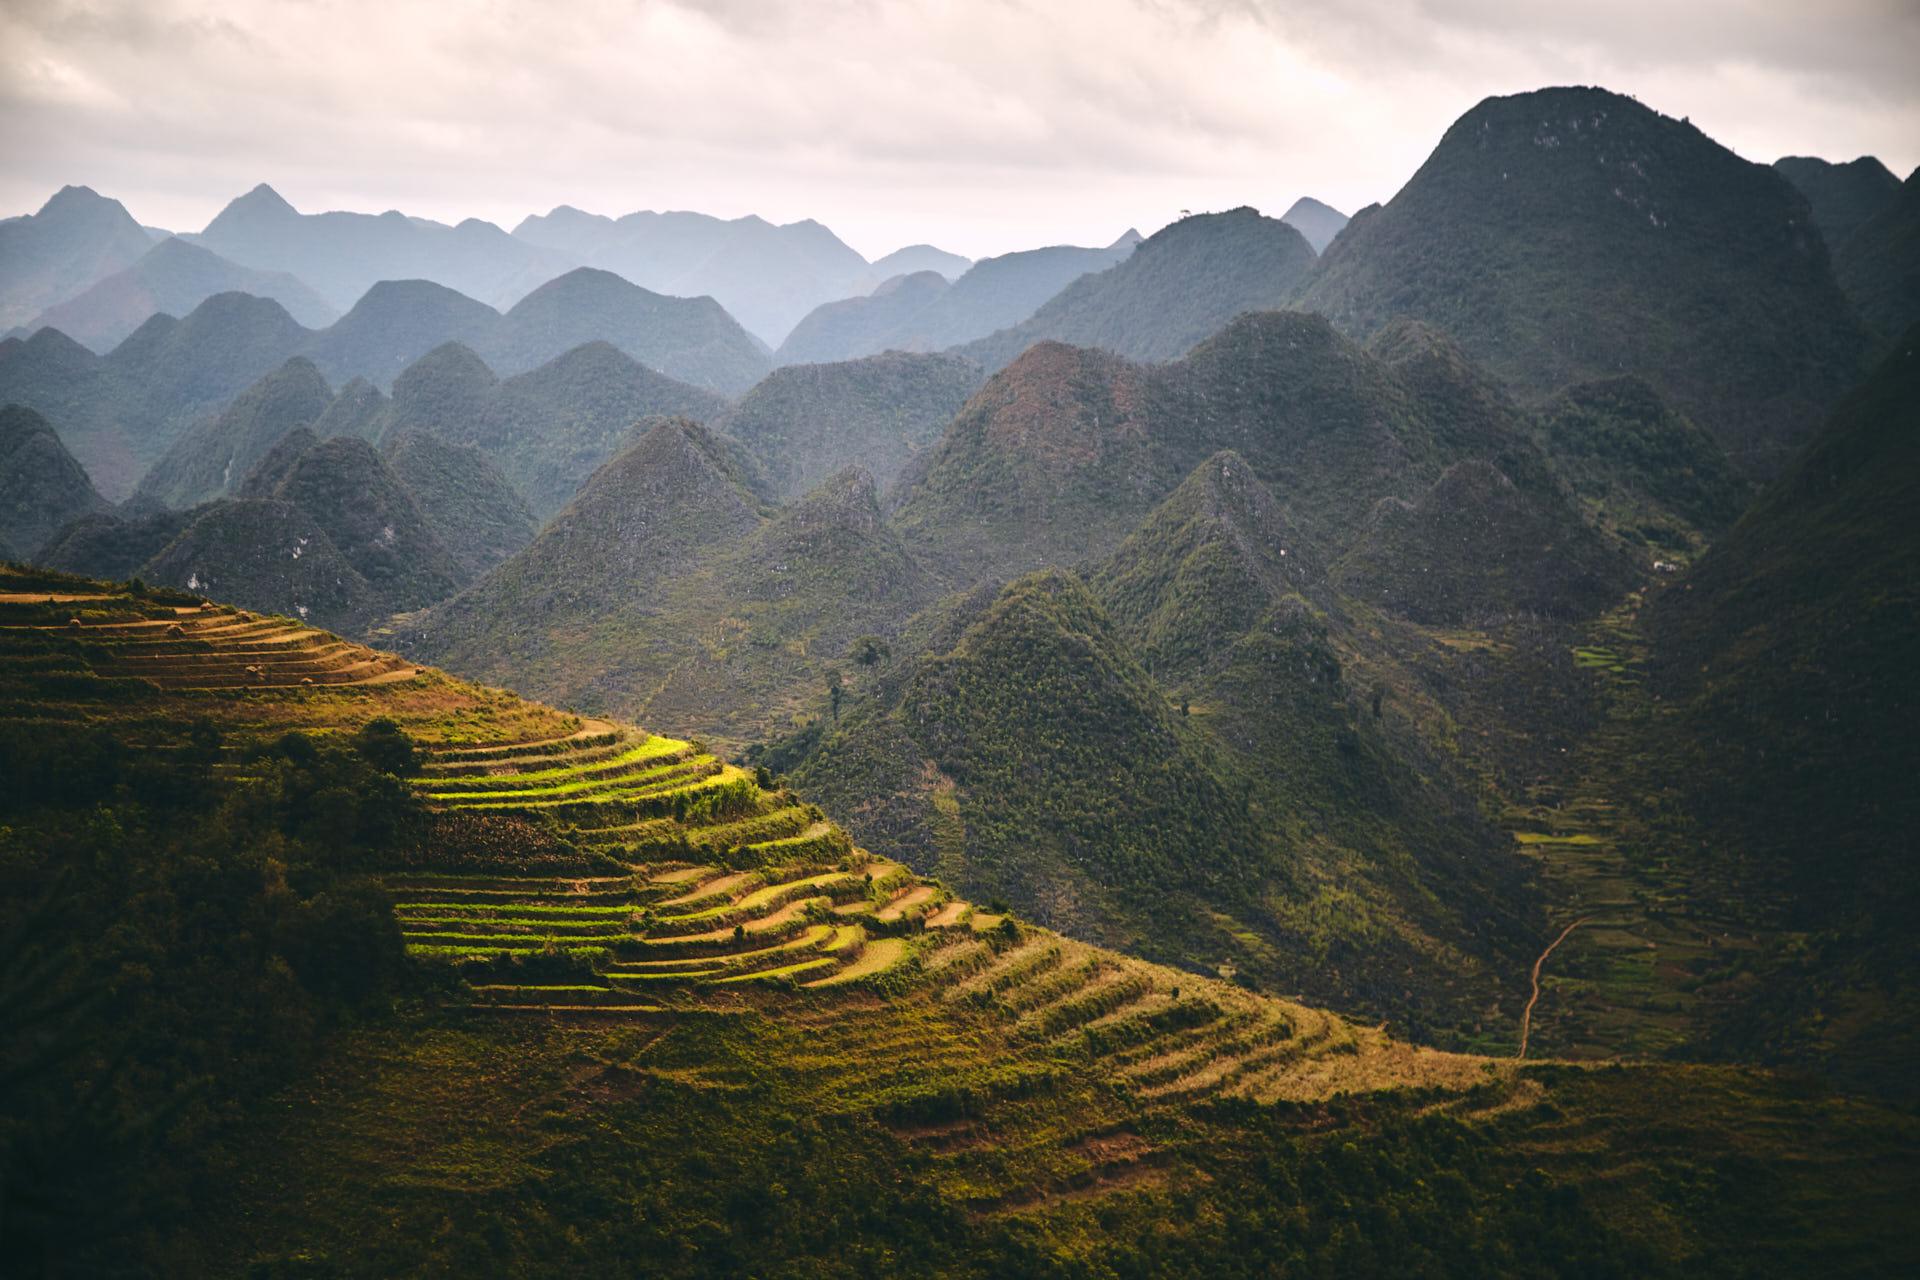 Des terrasses de Riz devant la montagne